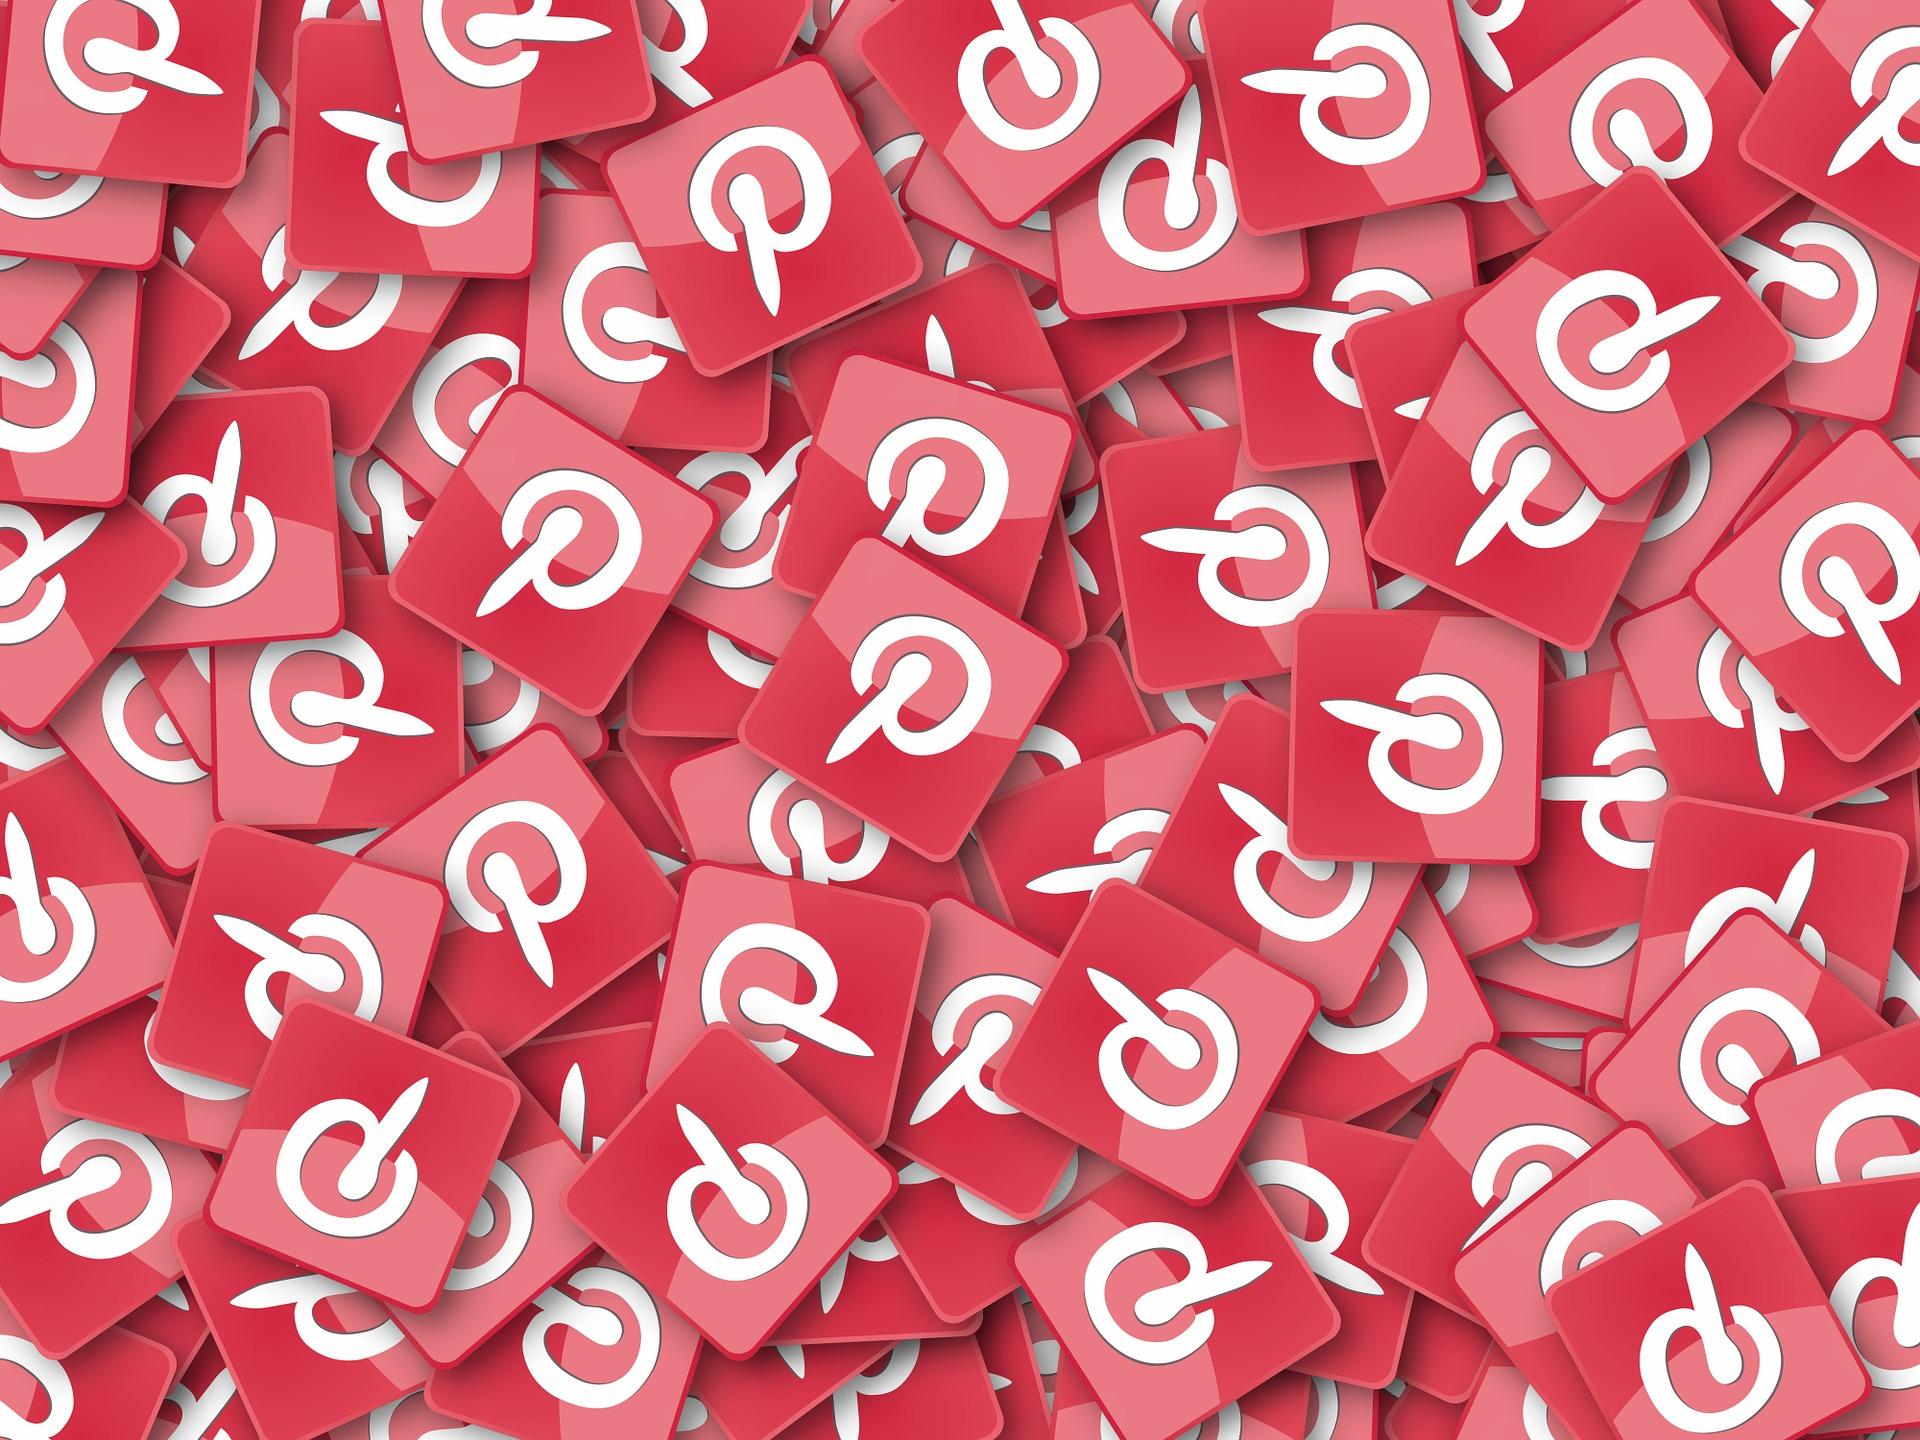 Nueva funcionalidad de Pinterest: creación de secciones para una mejor organización de la información